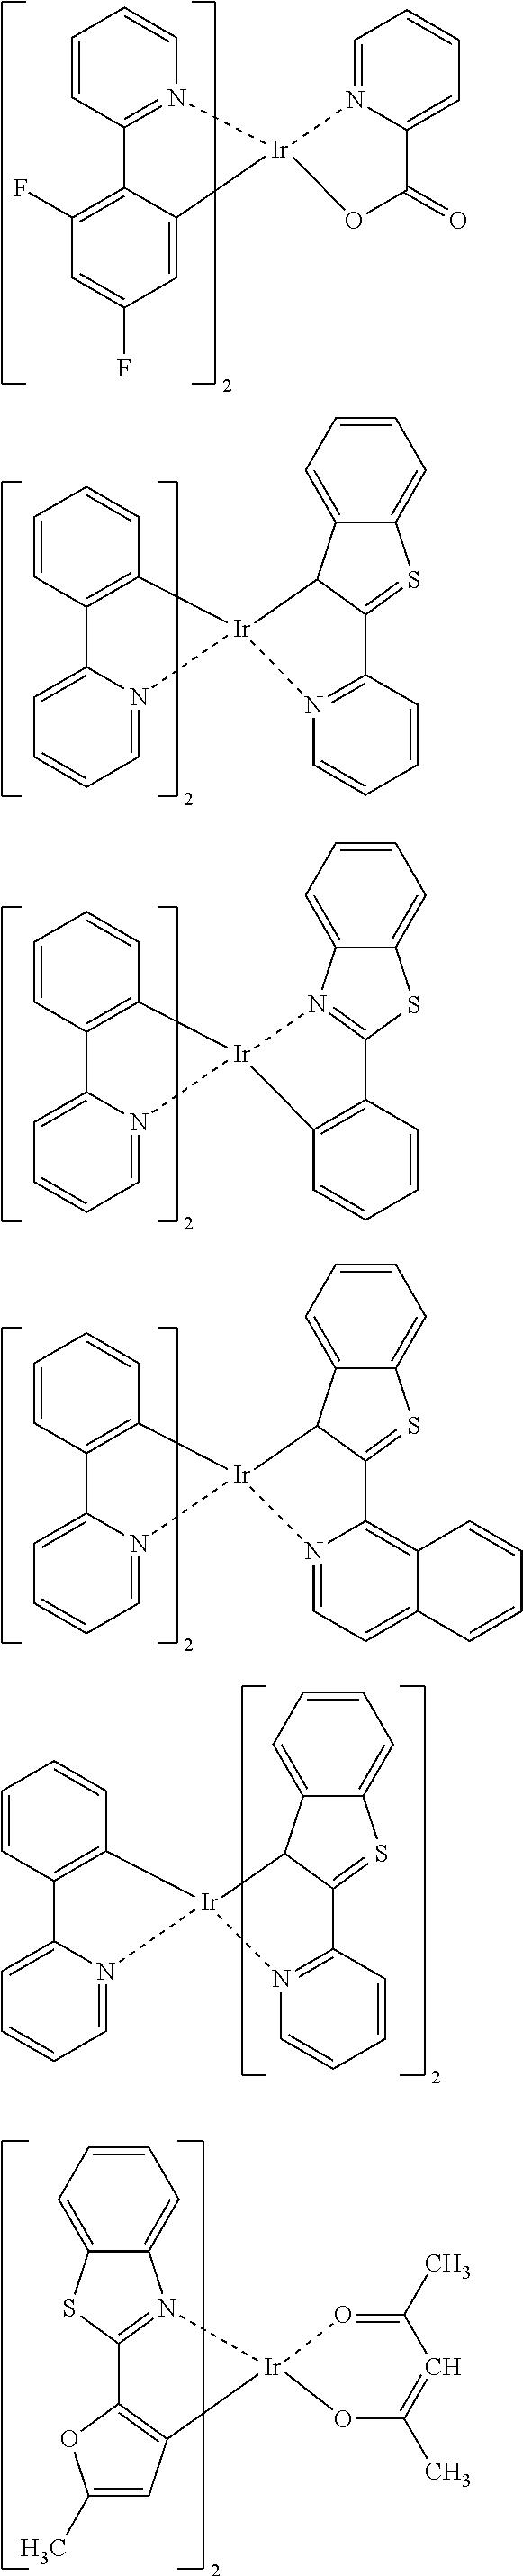 Figure US20110215312A1-20110908-C00010